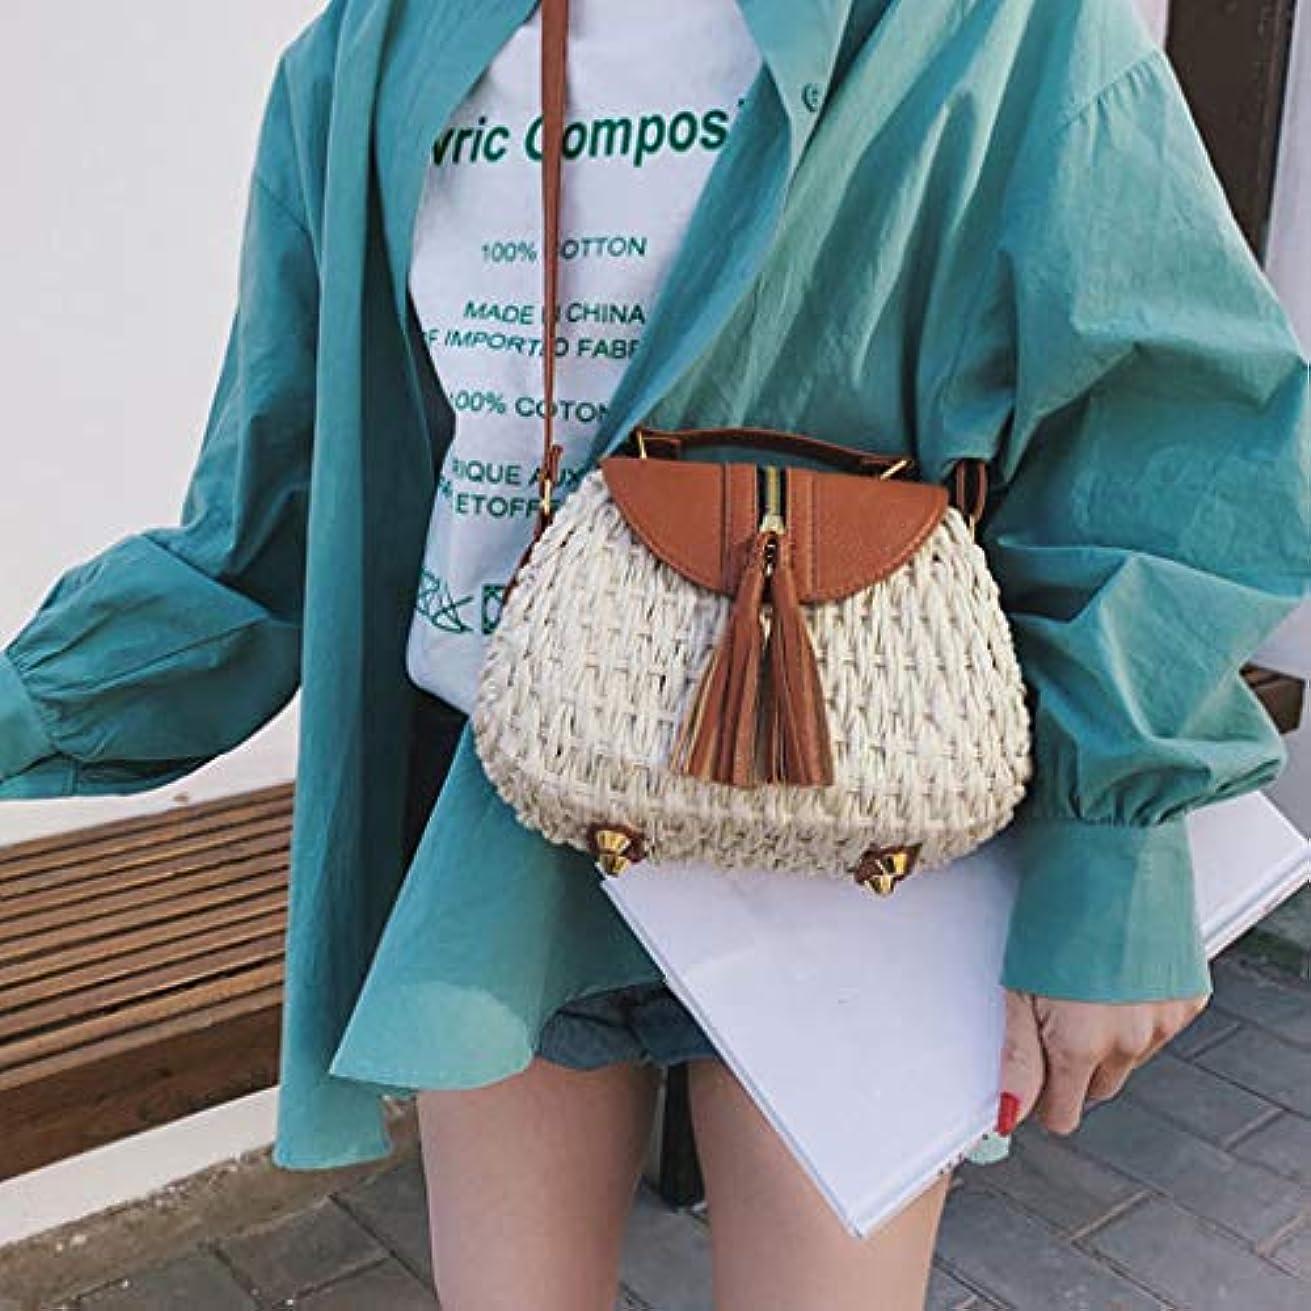 猫背容疑者五十女性の流行のタッセルはショルダー?バッグ、女性浜の余暇のクロスボディ袋を織ります、女性のタッセルは浜様式のメッセンジャー袋を織ります、女性方法対照色のビーチ様式のメッセンジャー袋 (ベージュ)